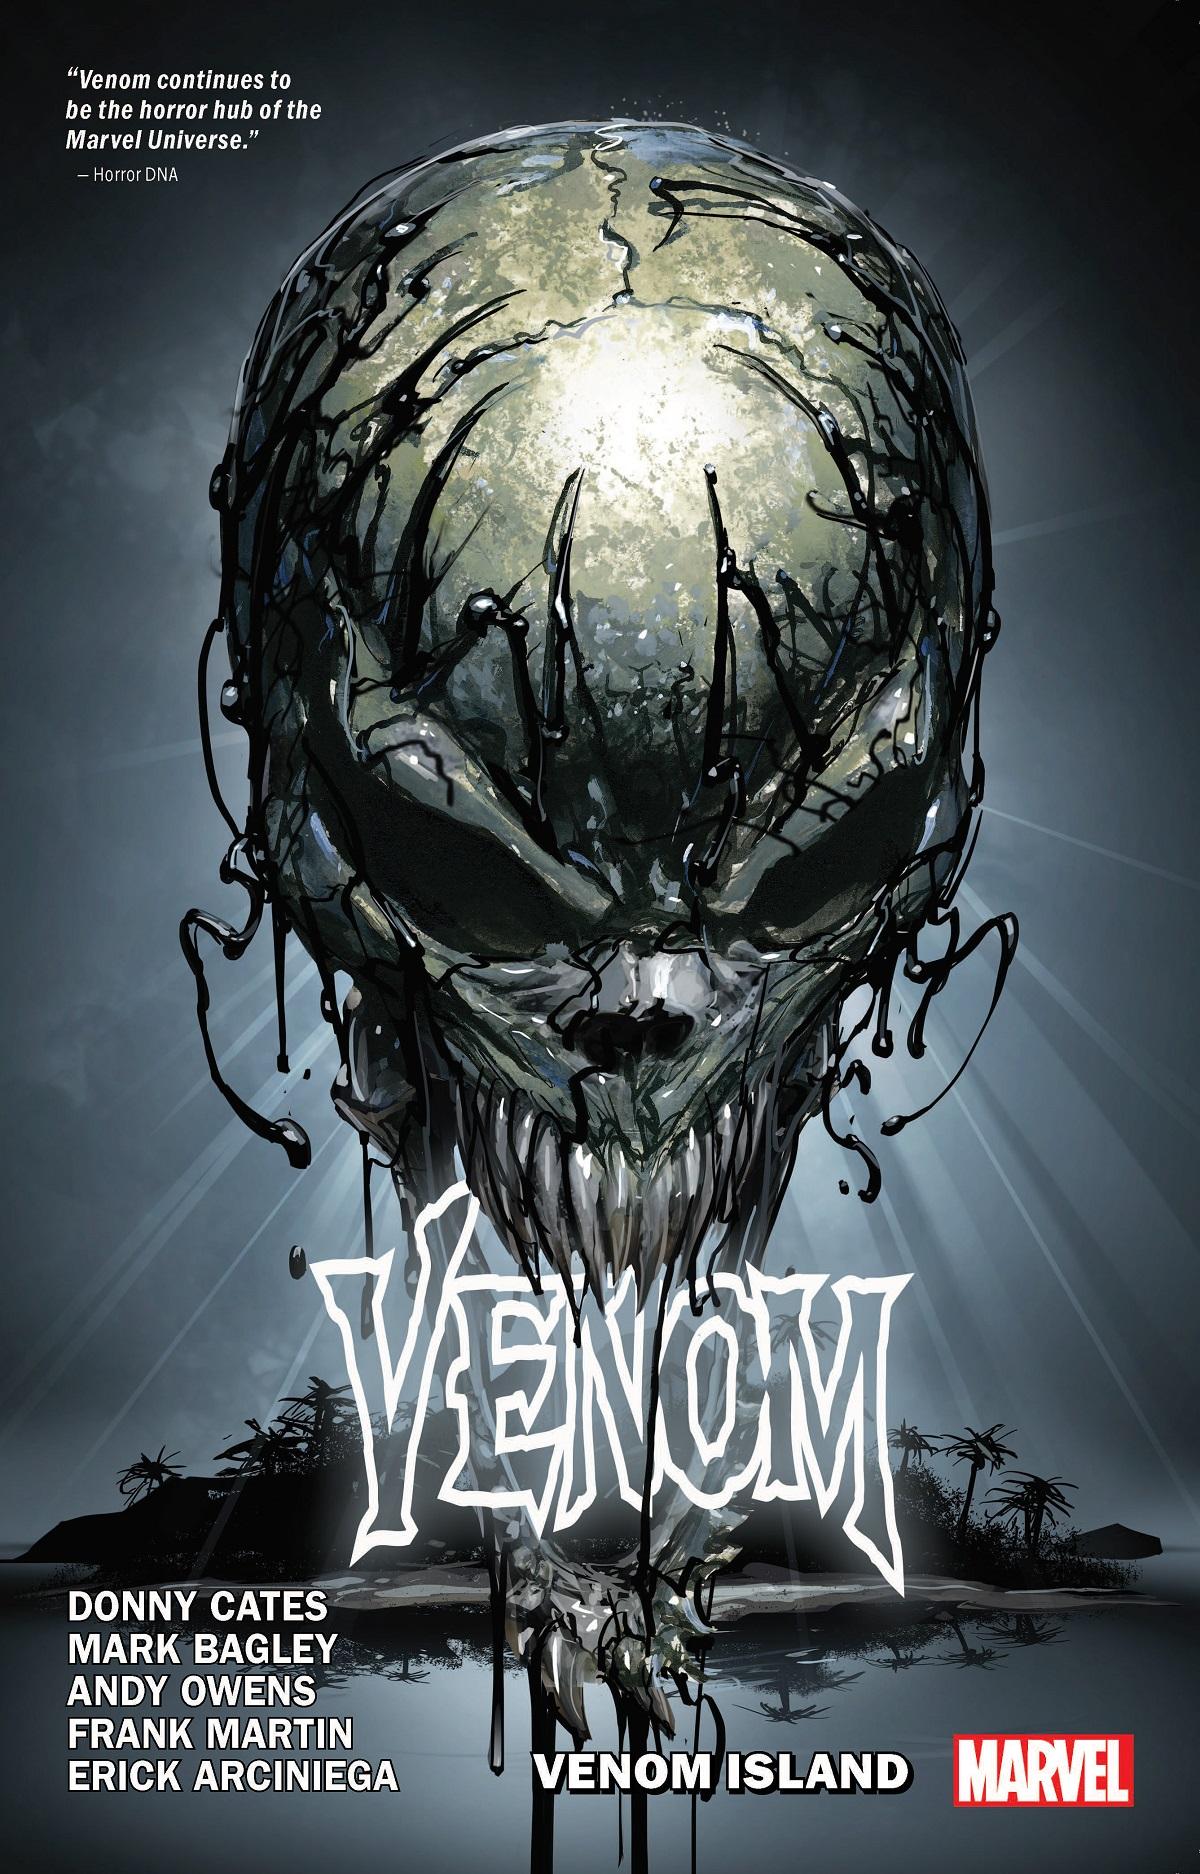 Venom by Donny Cates Vol. 4: Venom Island (Trade Paperback)